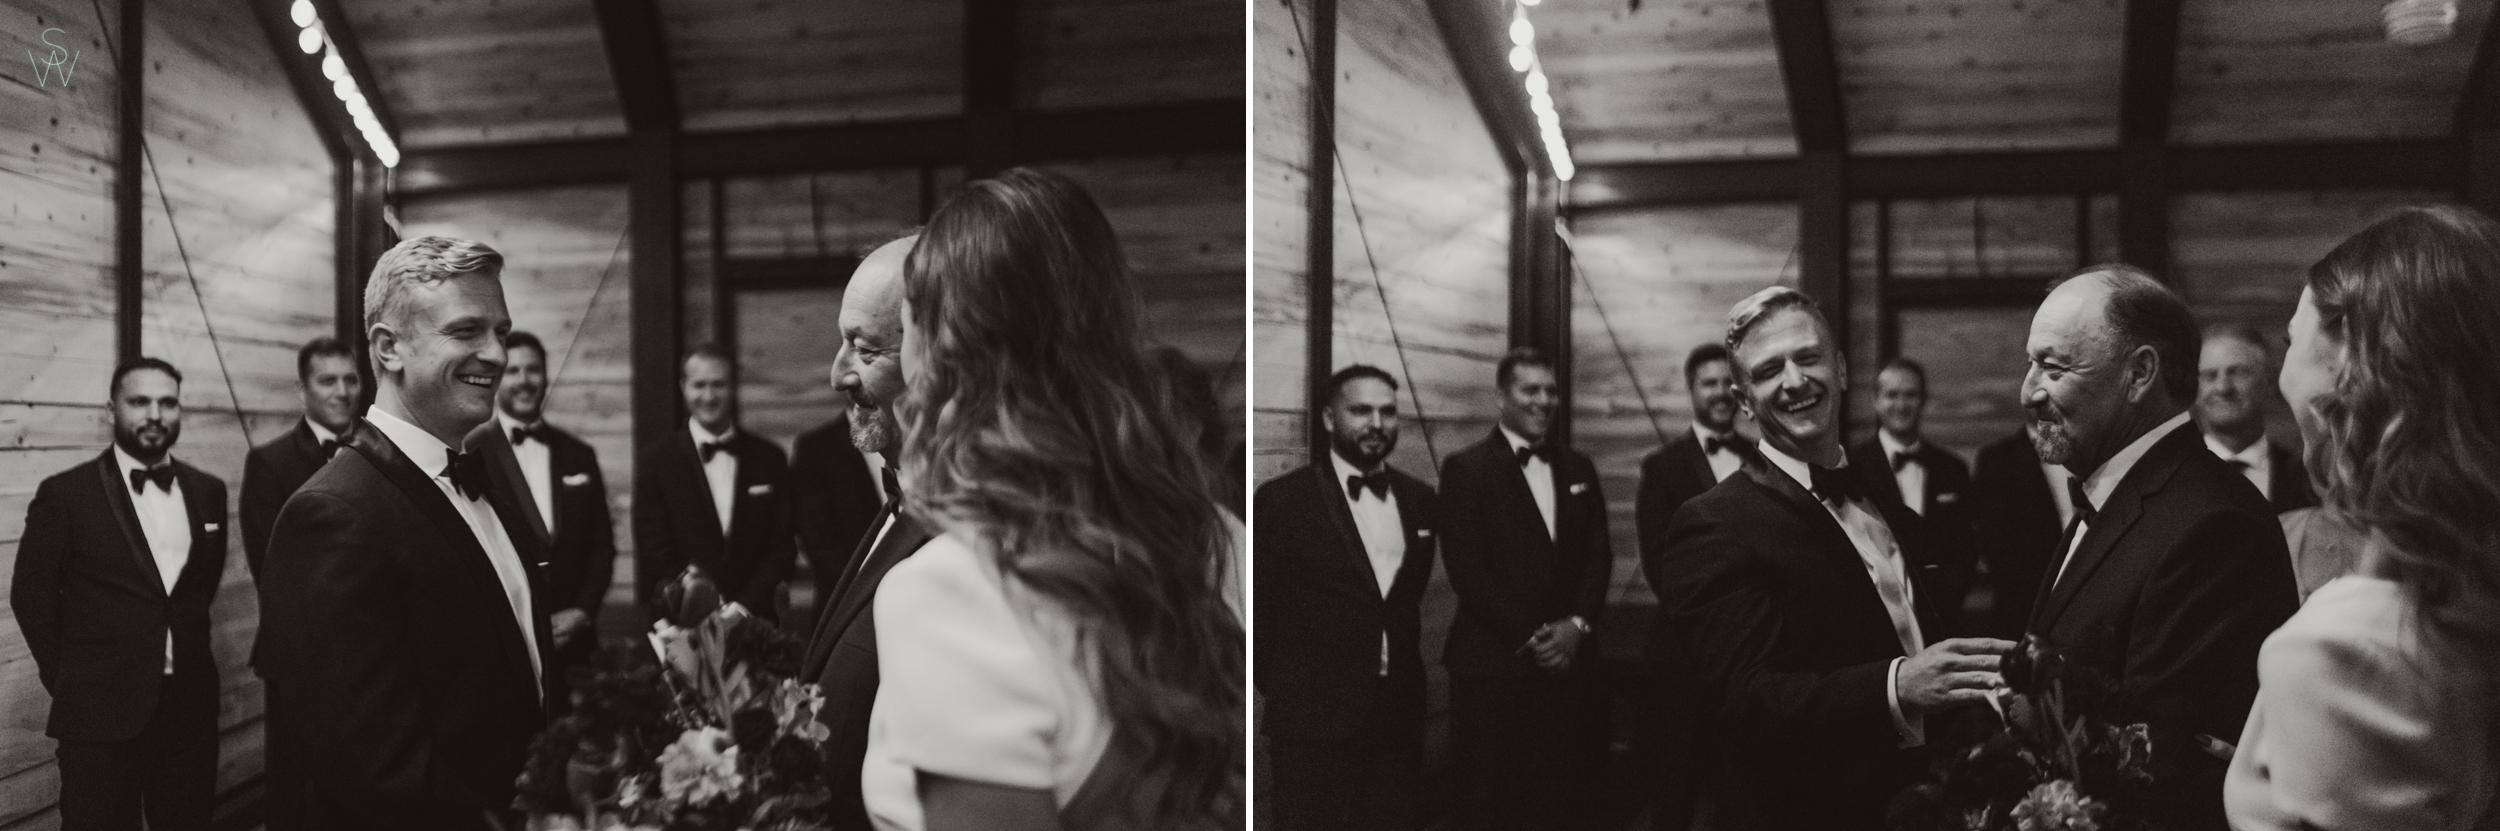 150THE.UNDERGROUND.ELEPHANT.wedding.photography.shewanders.JPG